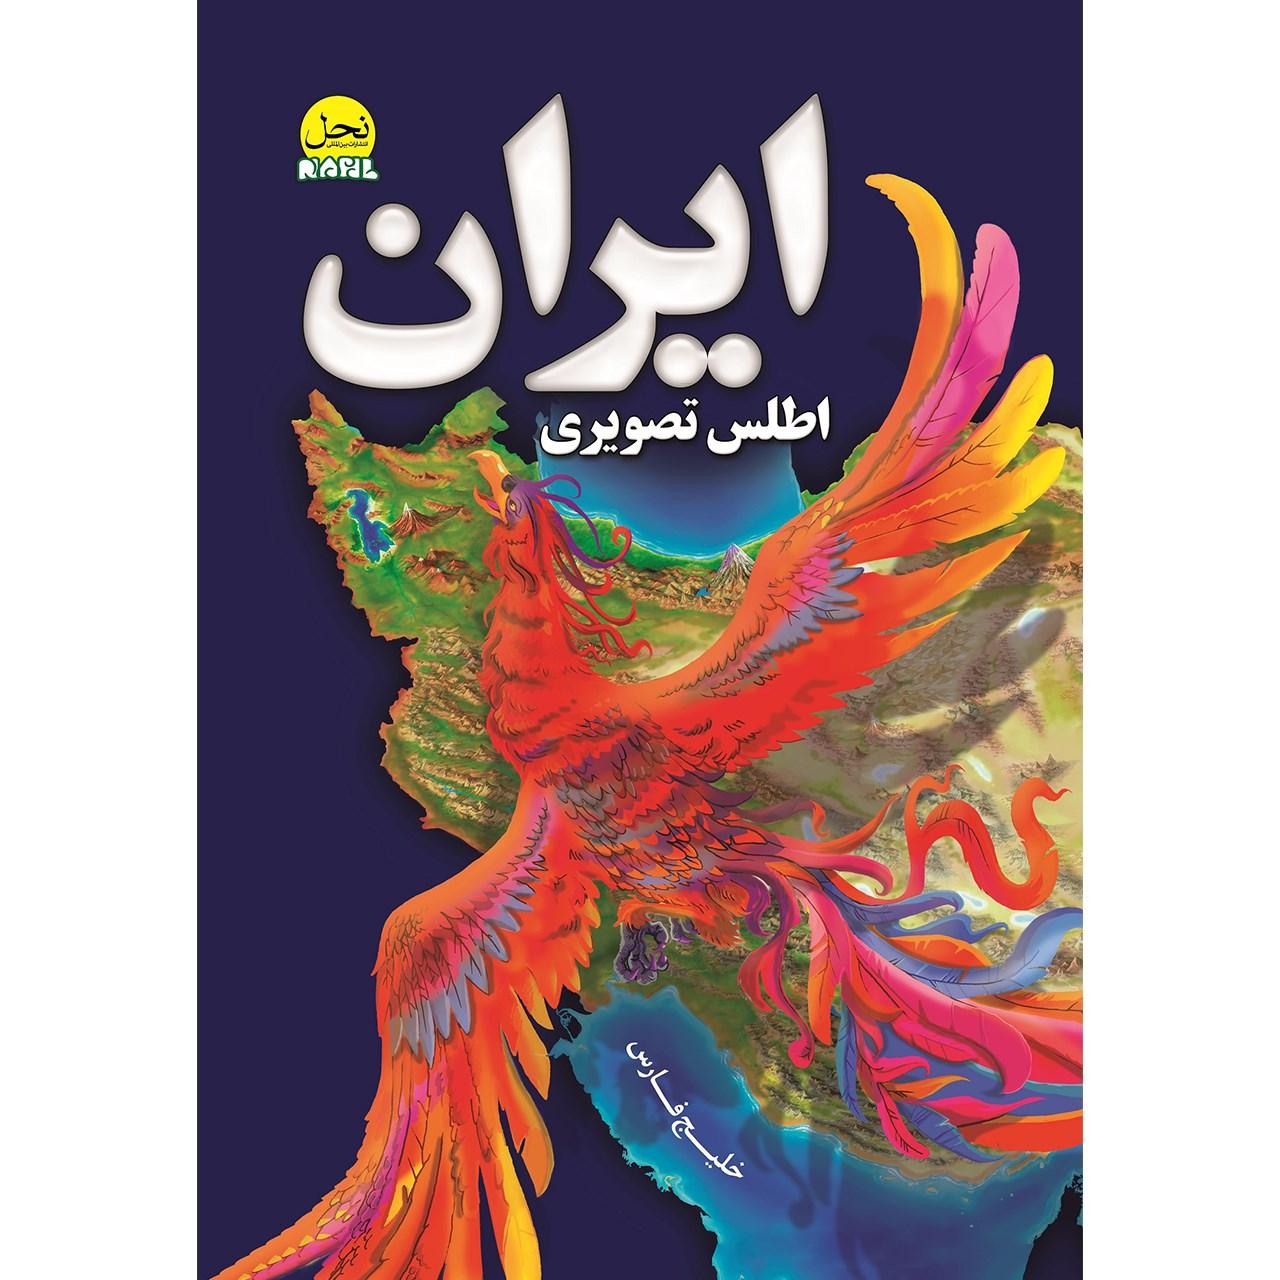 کتاب چاپی,کتاب چاپی نحل